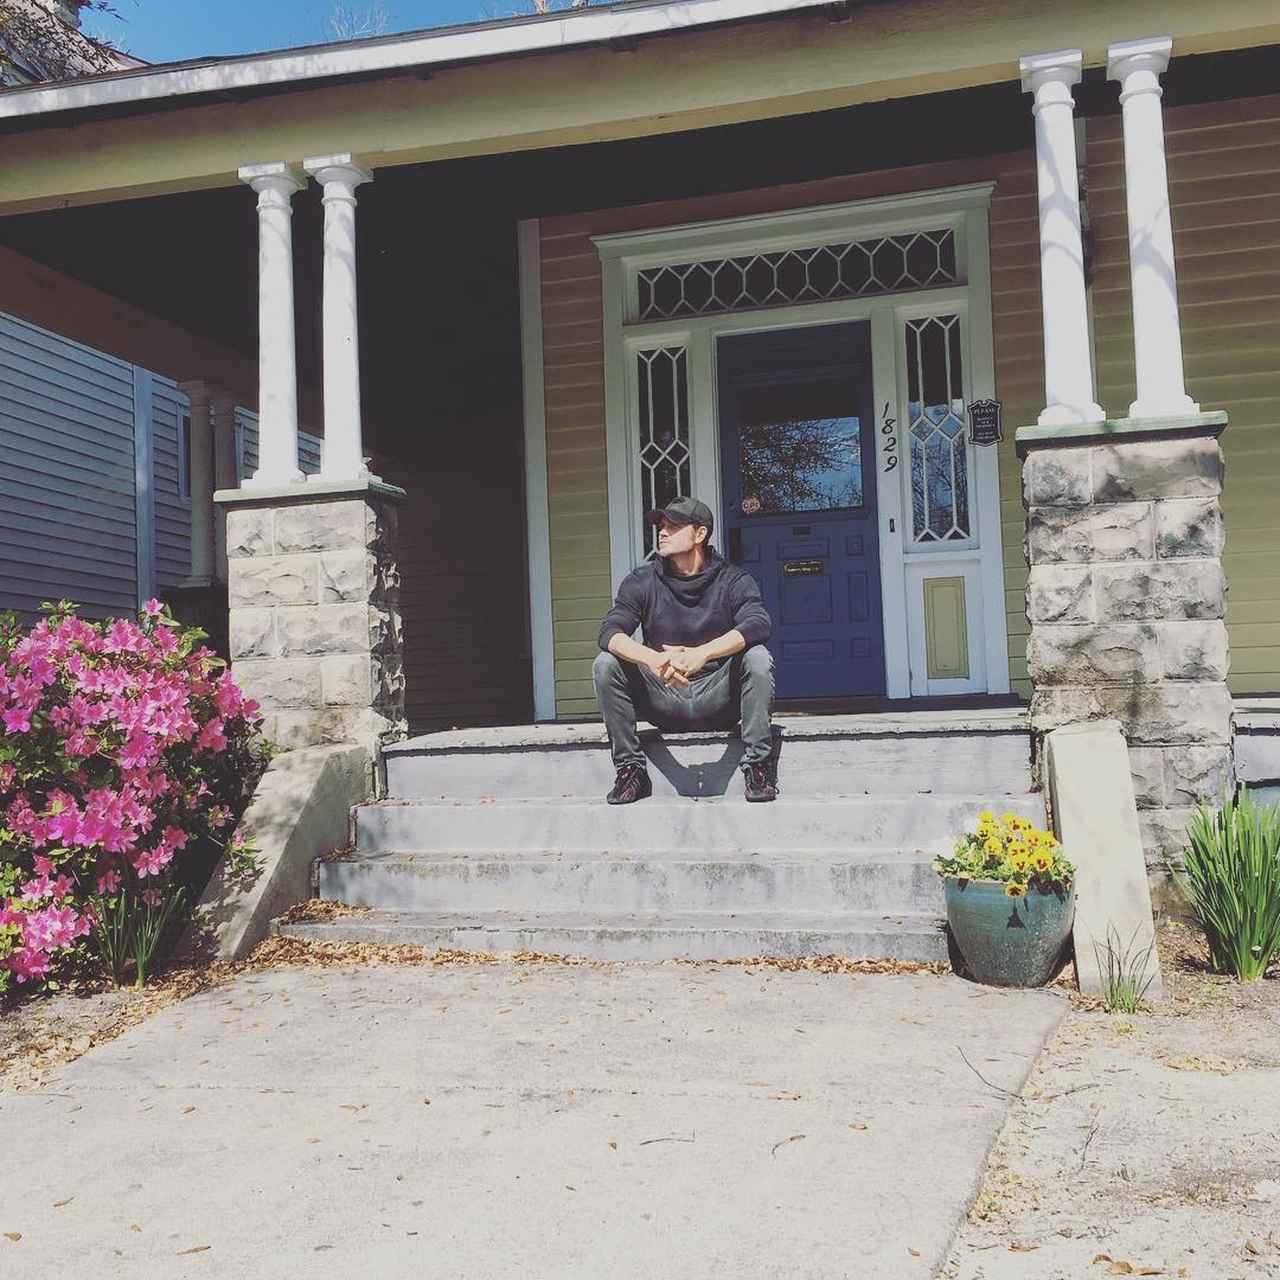 画像1: Chad MurrayさんはInstagramを利用しています:「I spent many days on this porch pondering life's great enigmas... Once a Scott, always a Scott. #OTH @eyecon3000  Side note- Friends,…」 www.instagram.com